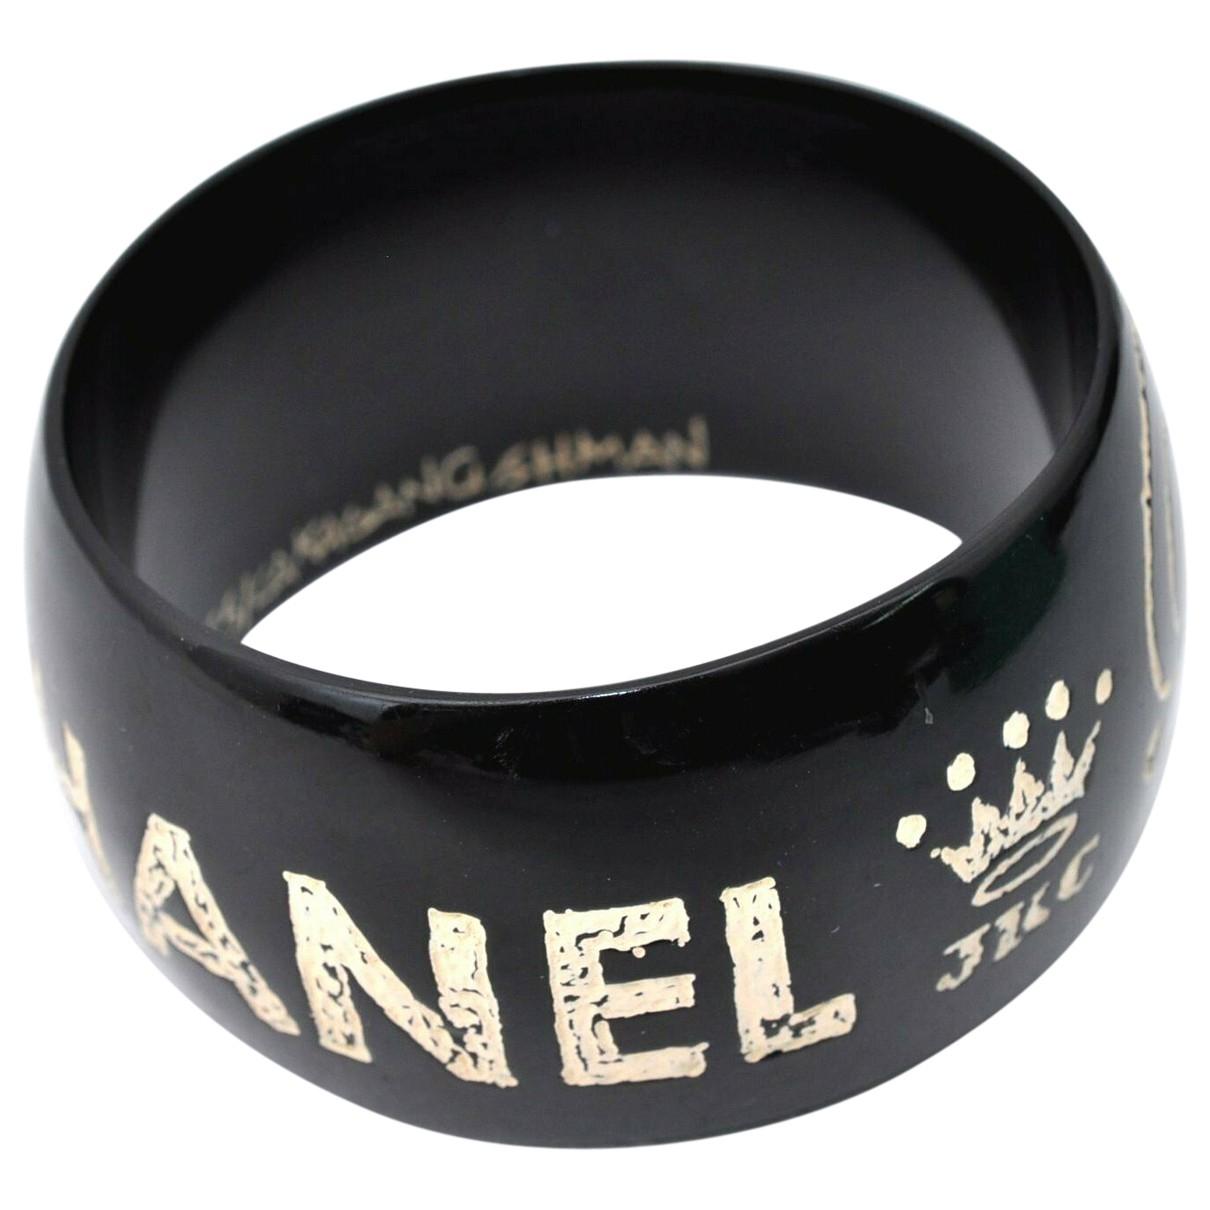 Chanel - Bracelet CHANEL pour femme - noir